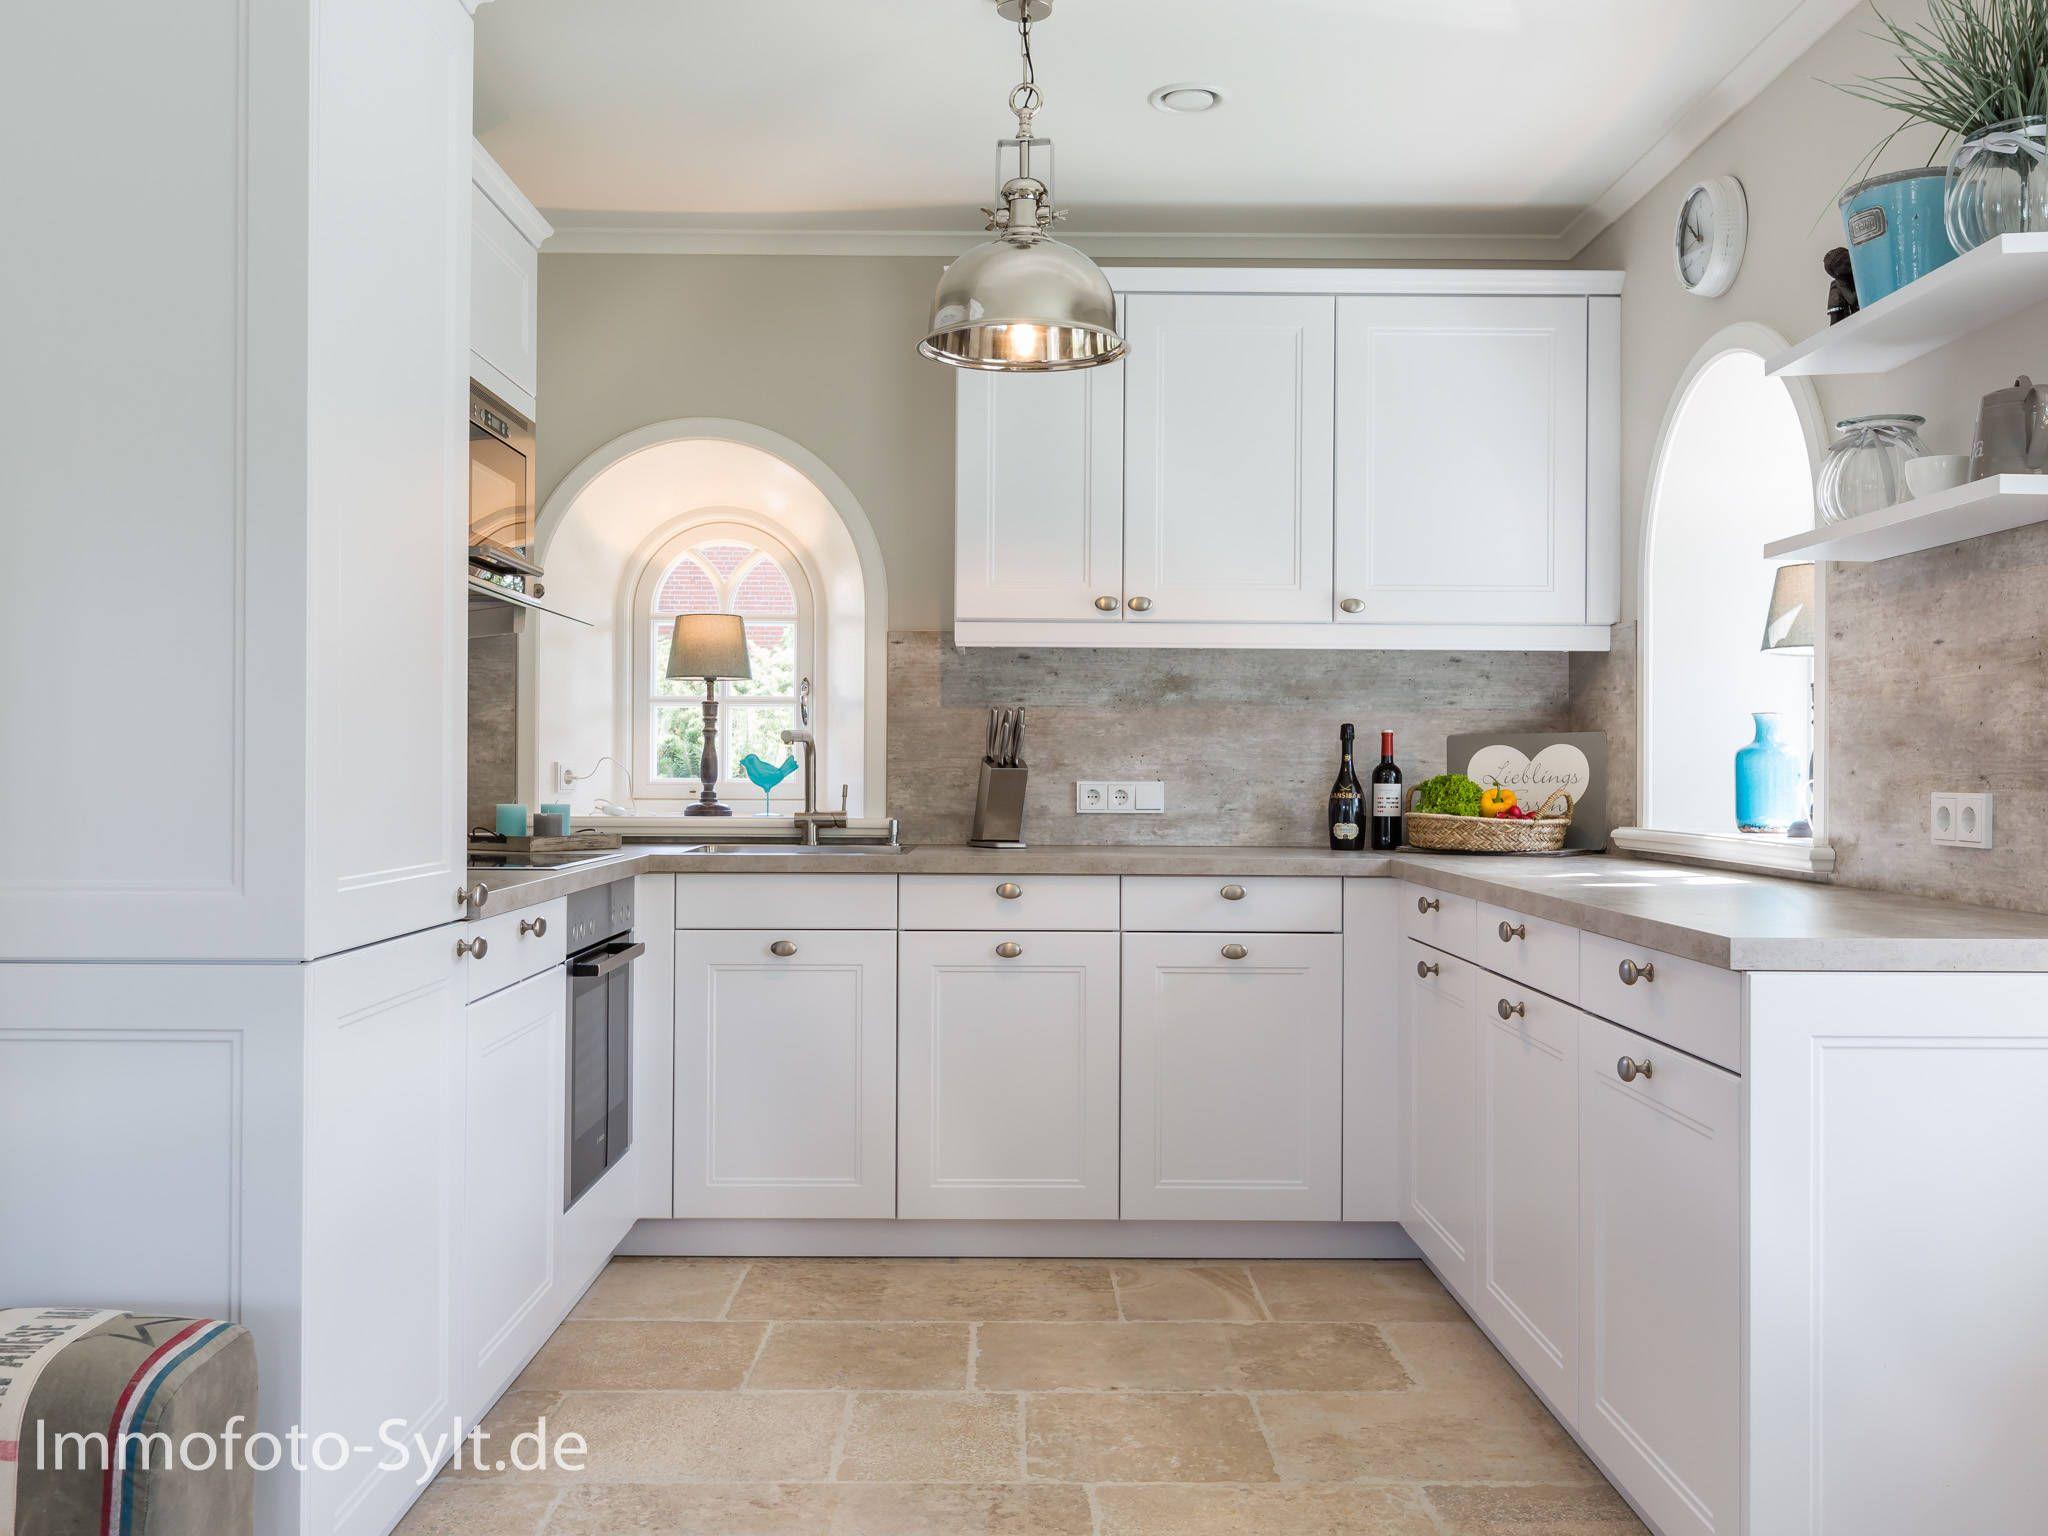 systema5030 einbauküche weiß hochglanz | kitchen | Pinterest ...